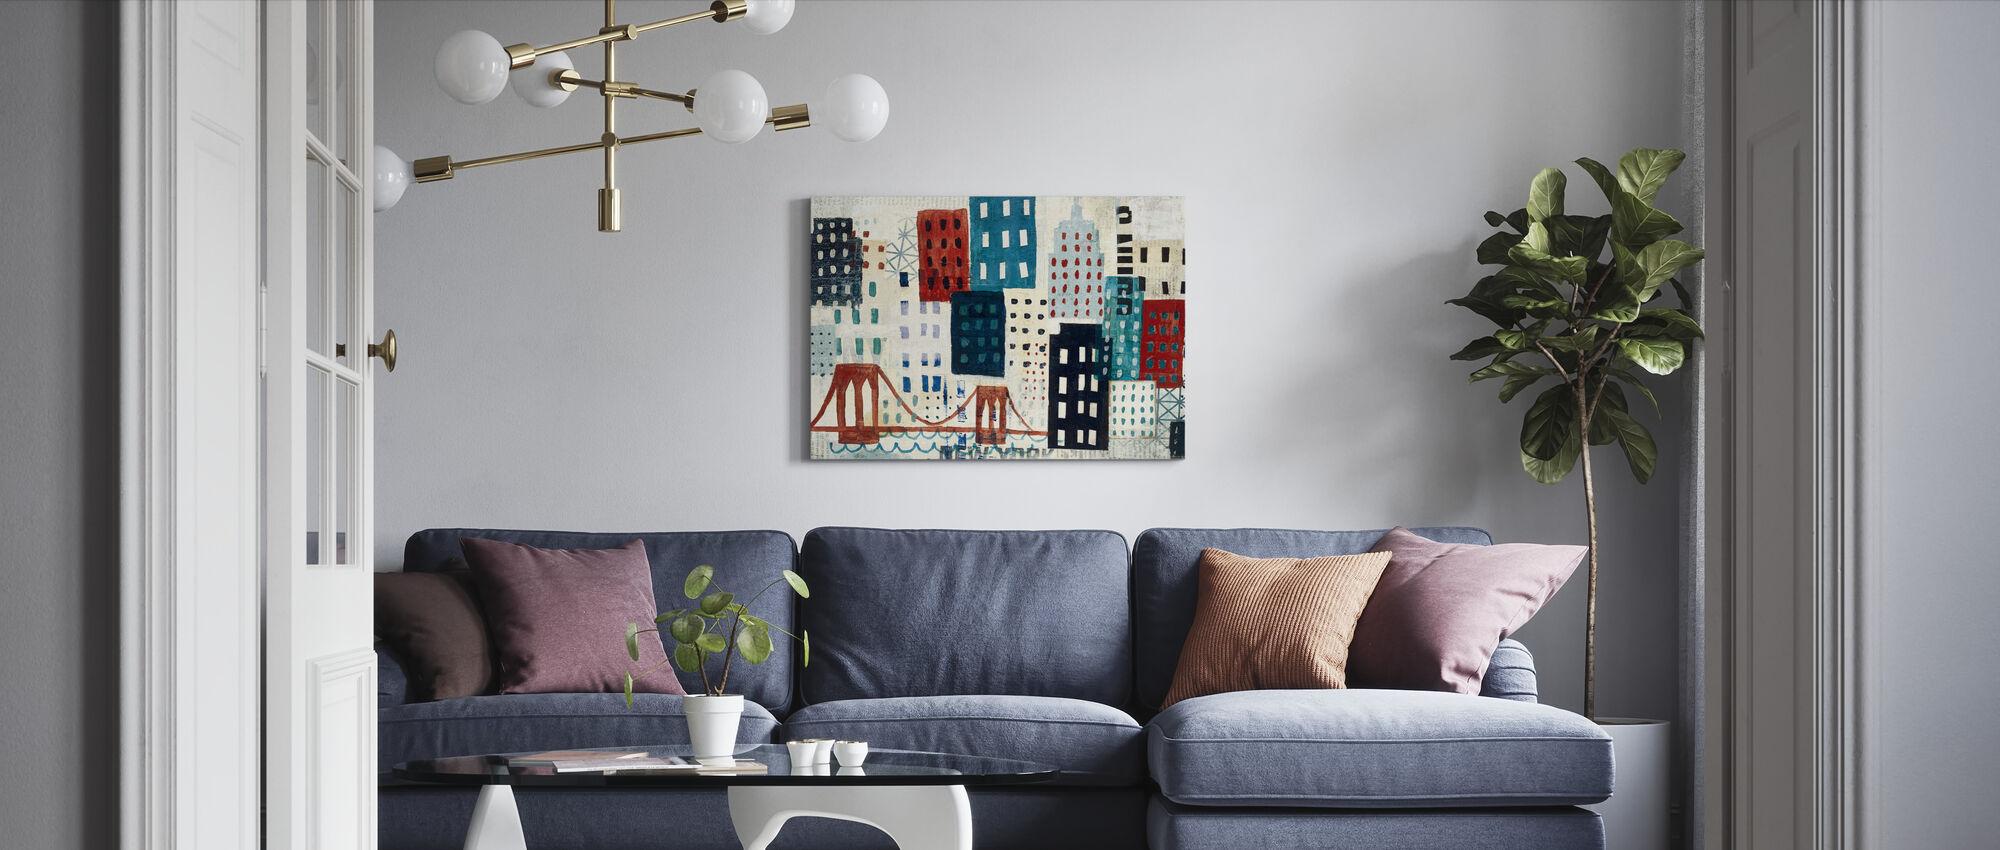 New York Skyline Collage - Blå I - Canvastavla - Vardagsrum